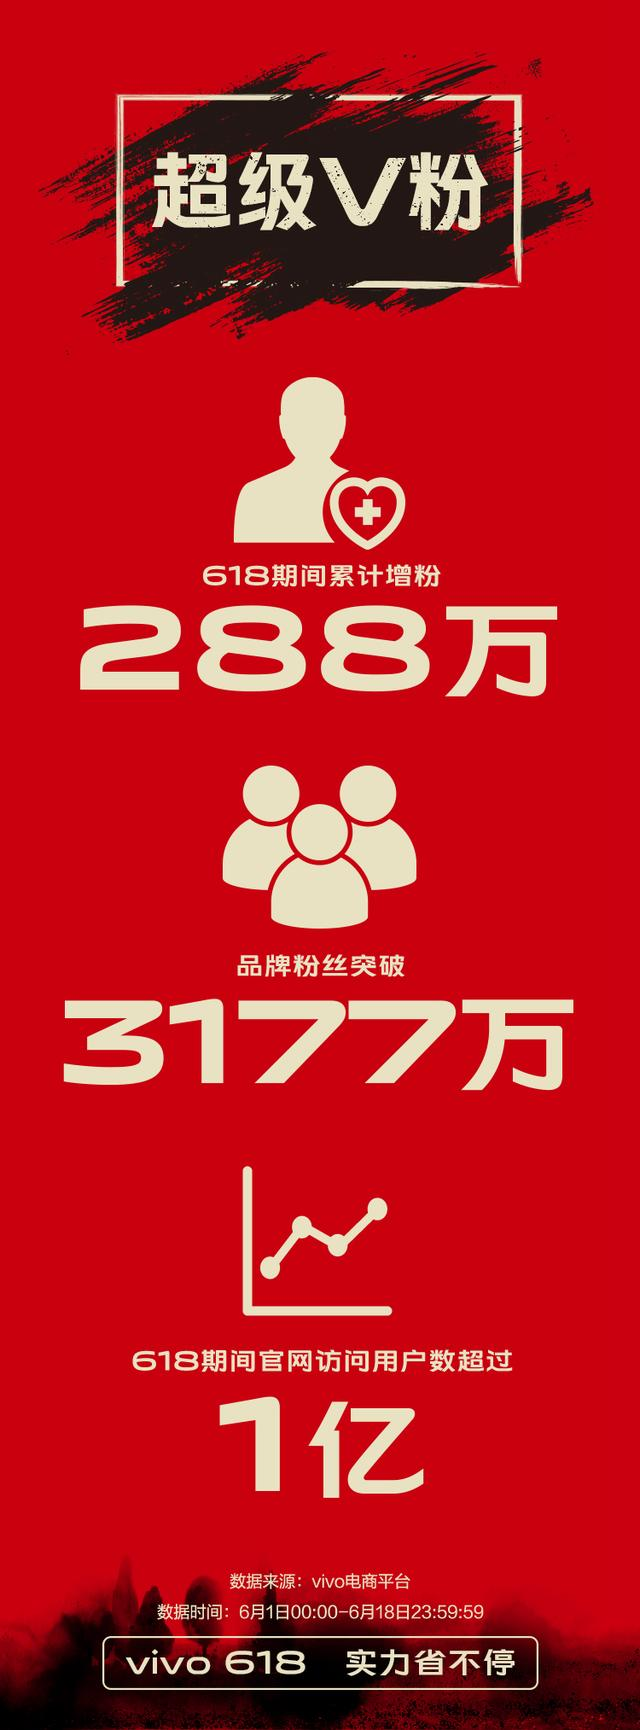 14b5941be34140f890112f10b3c34a70.jpeg